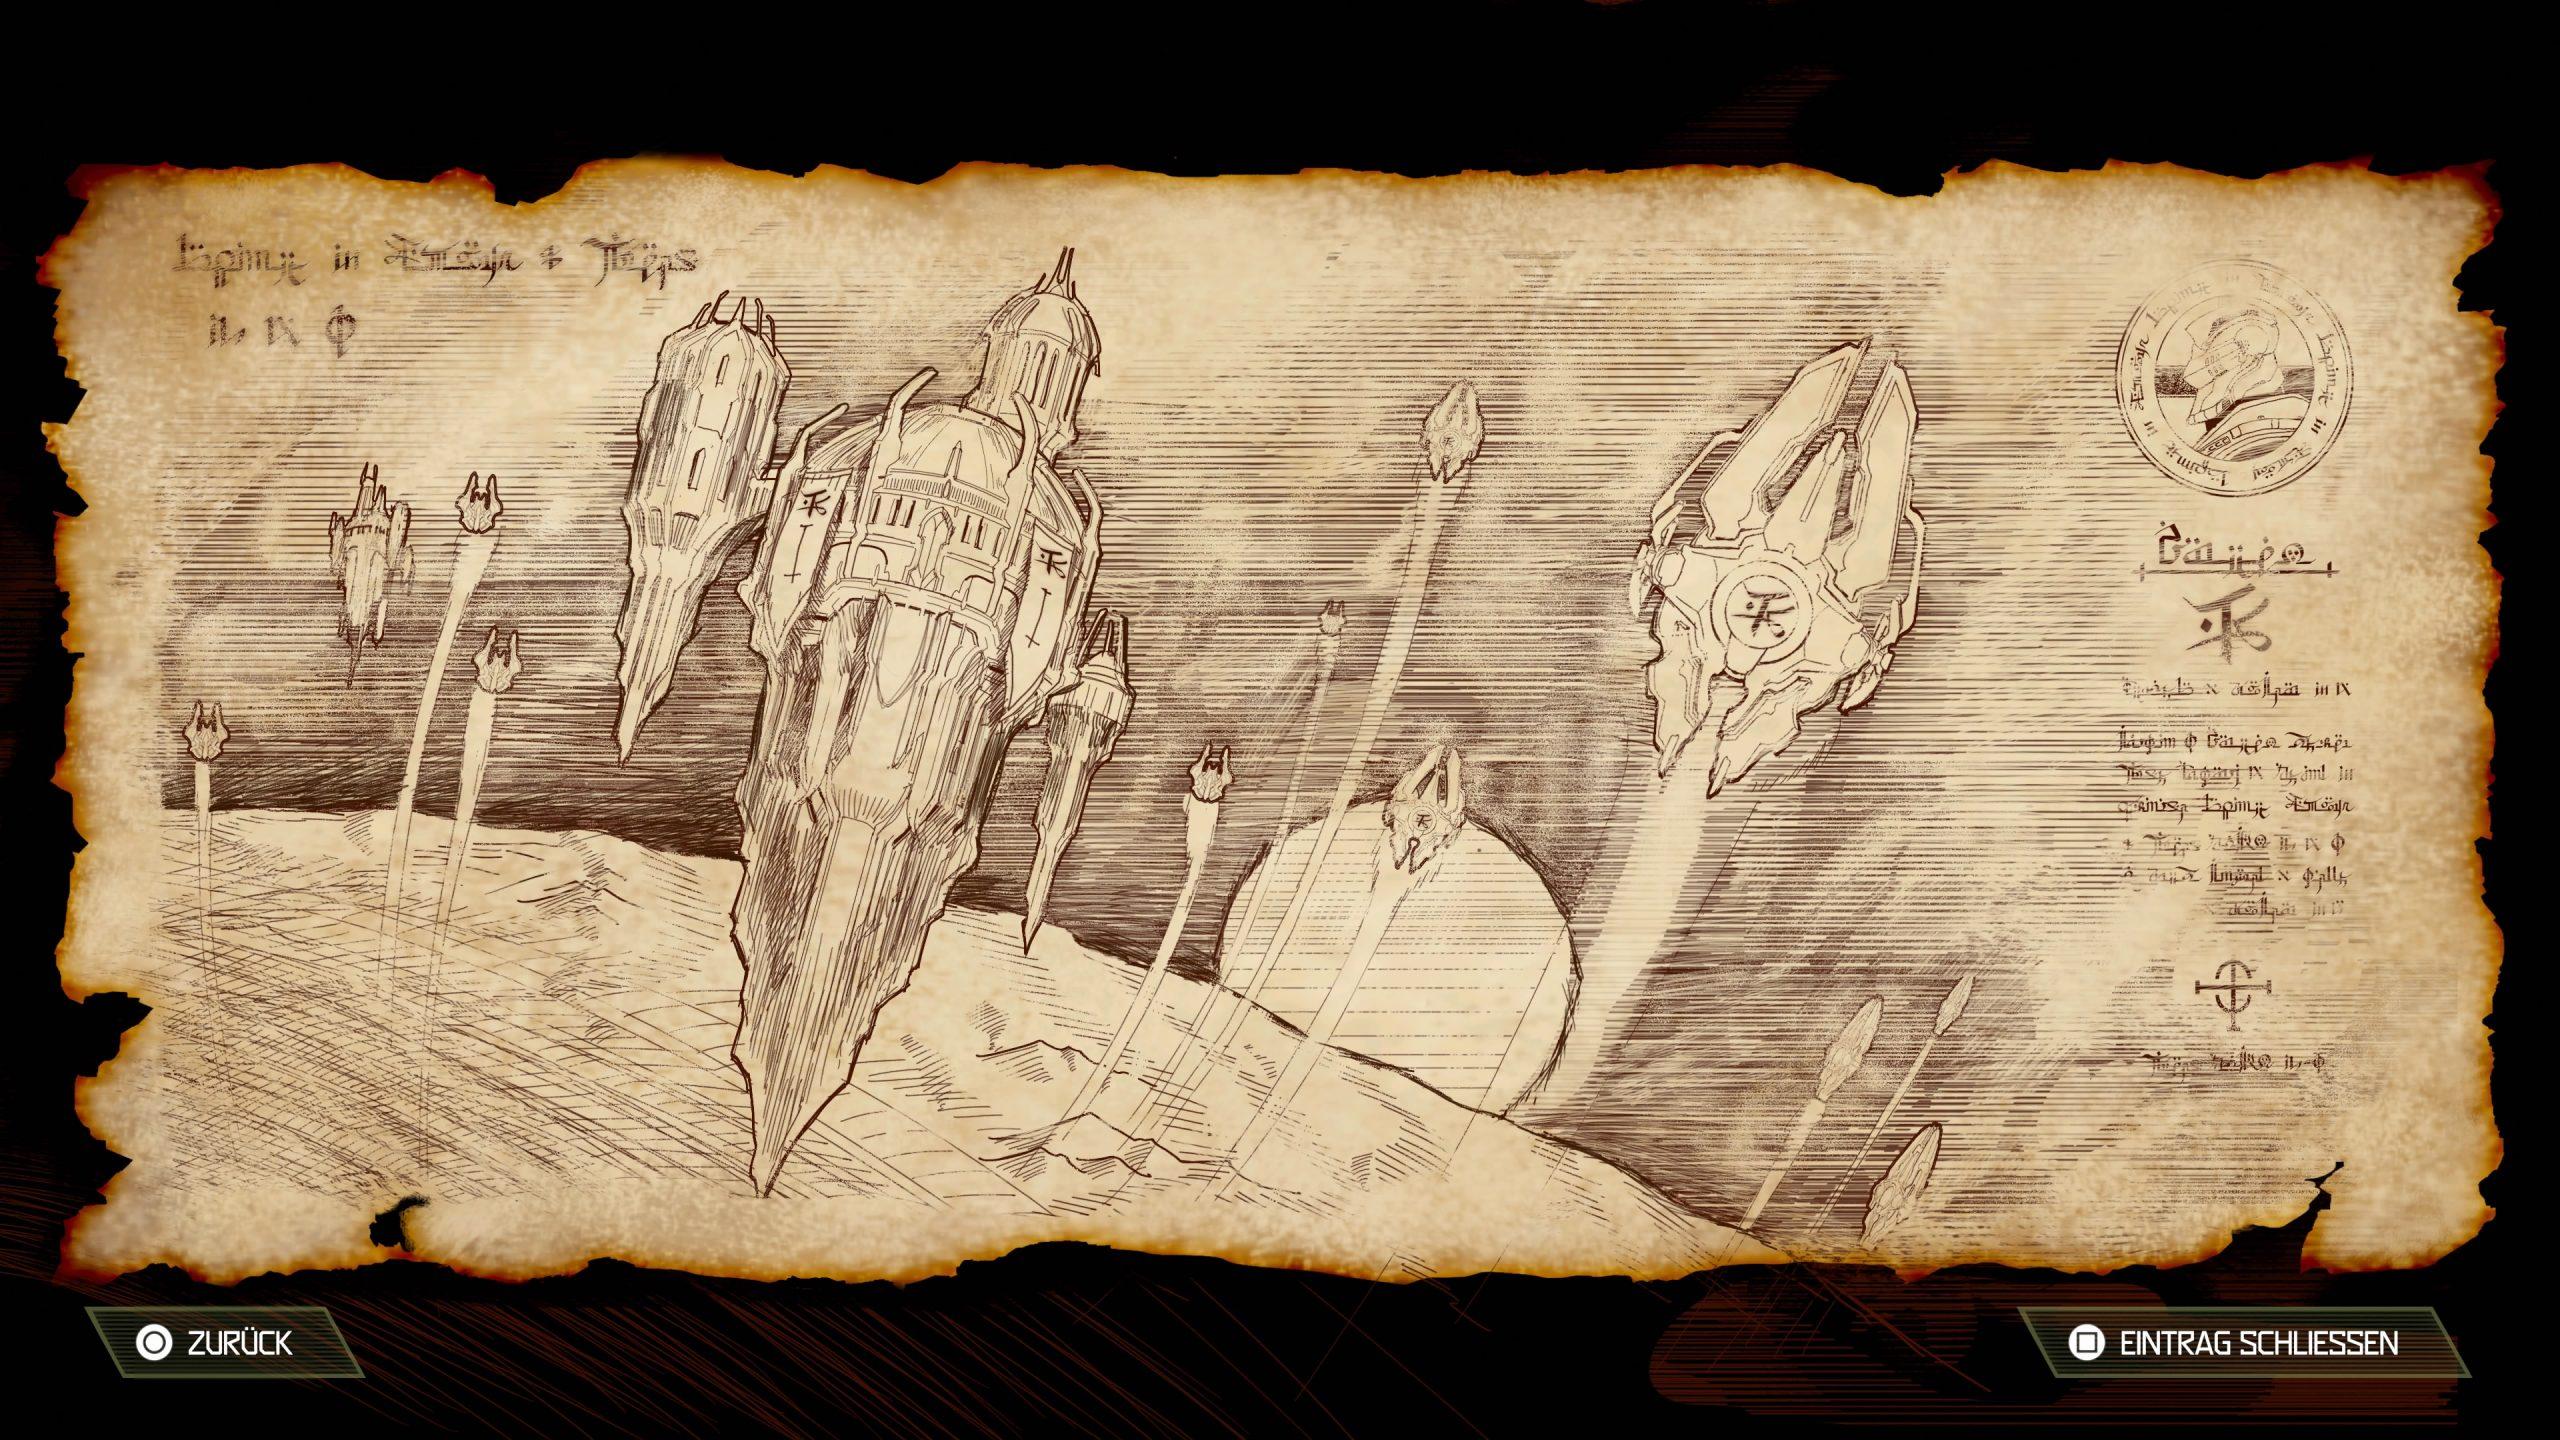 Doom Eternal bietet abseits der Ballerei nun auch tiefgründige Story Elemente die man jederzeit im Kodex nachlesen kann.